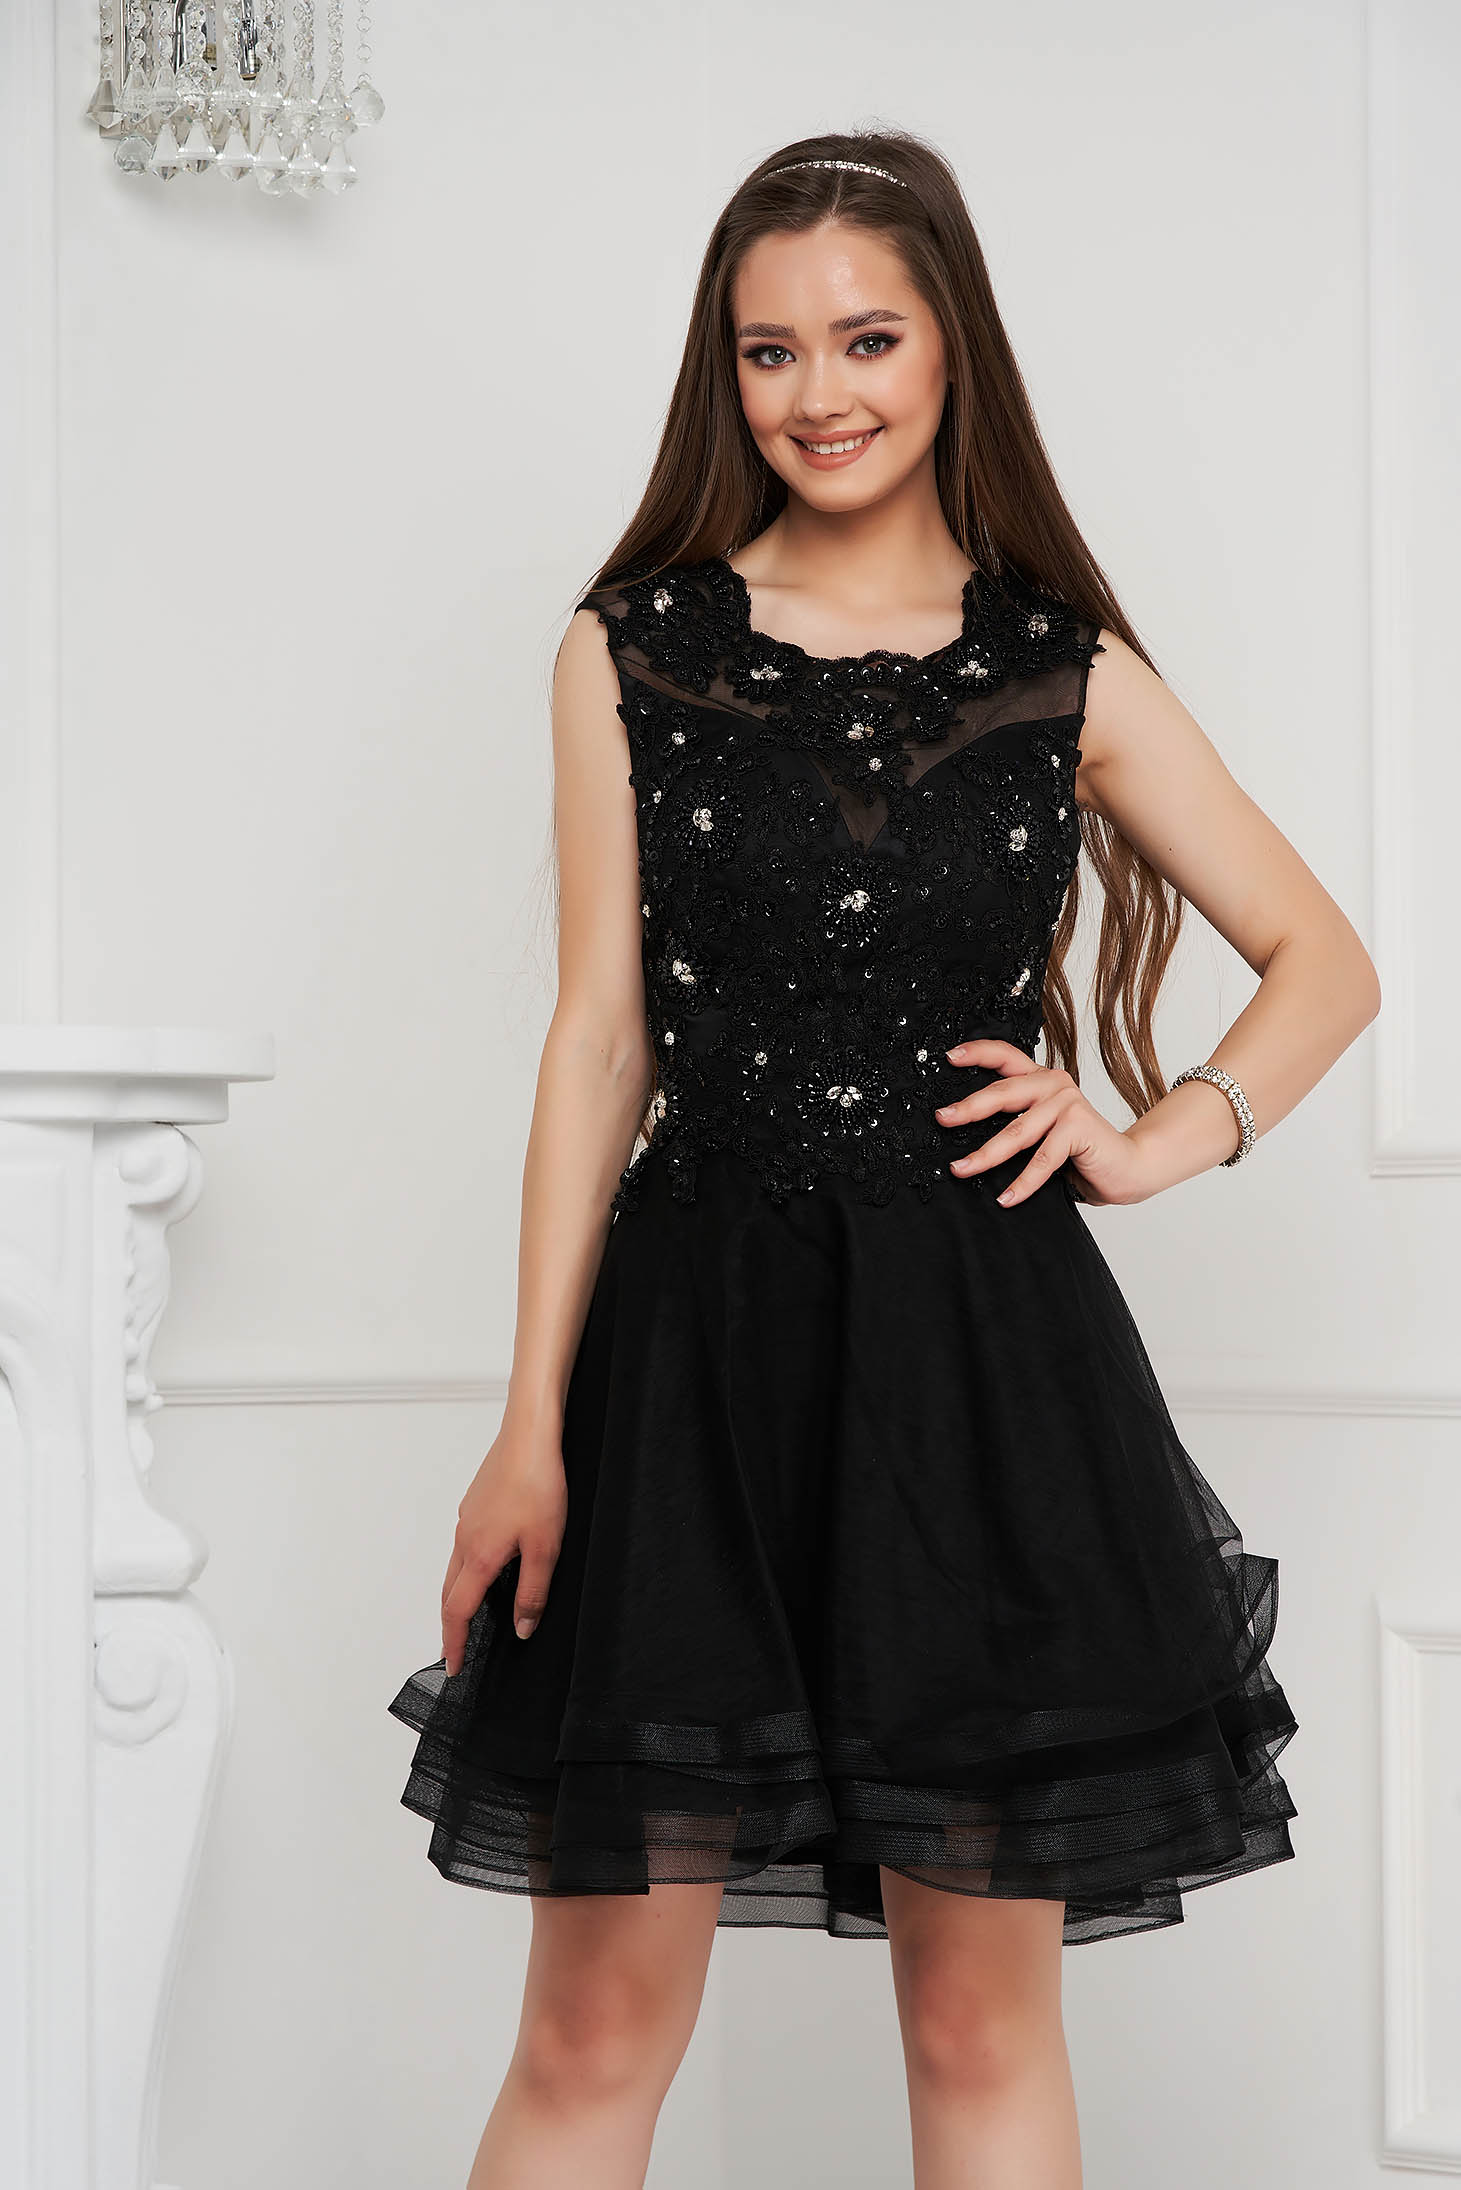 Fekete rövid harang ruha tüllből flitteres díszítéssel